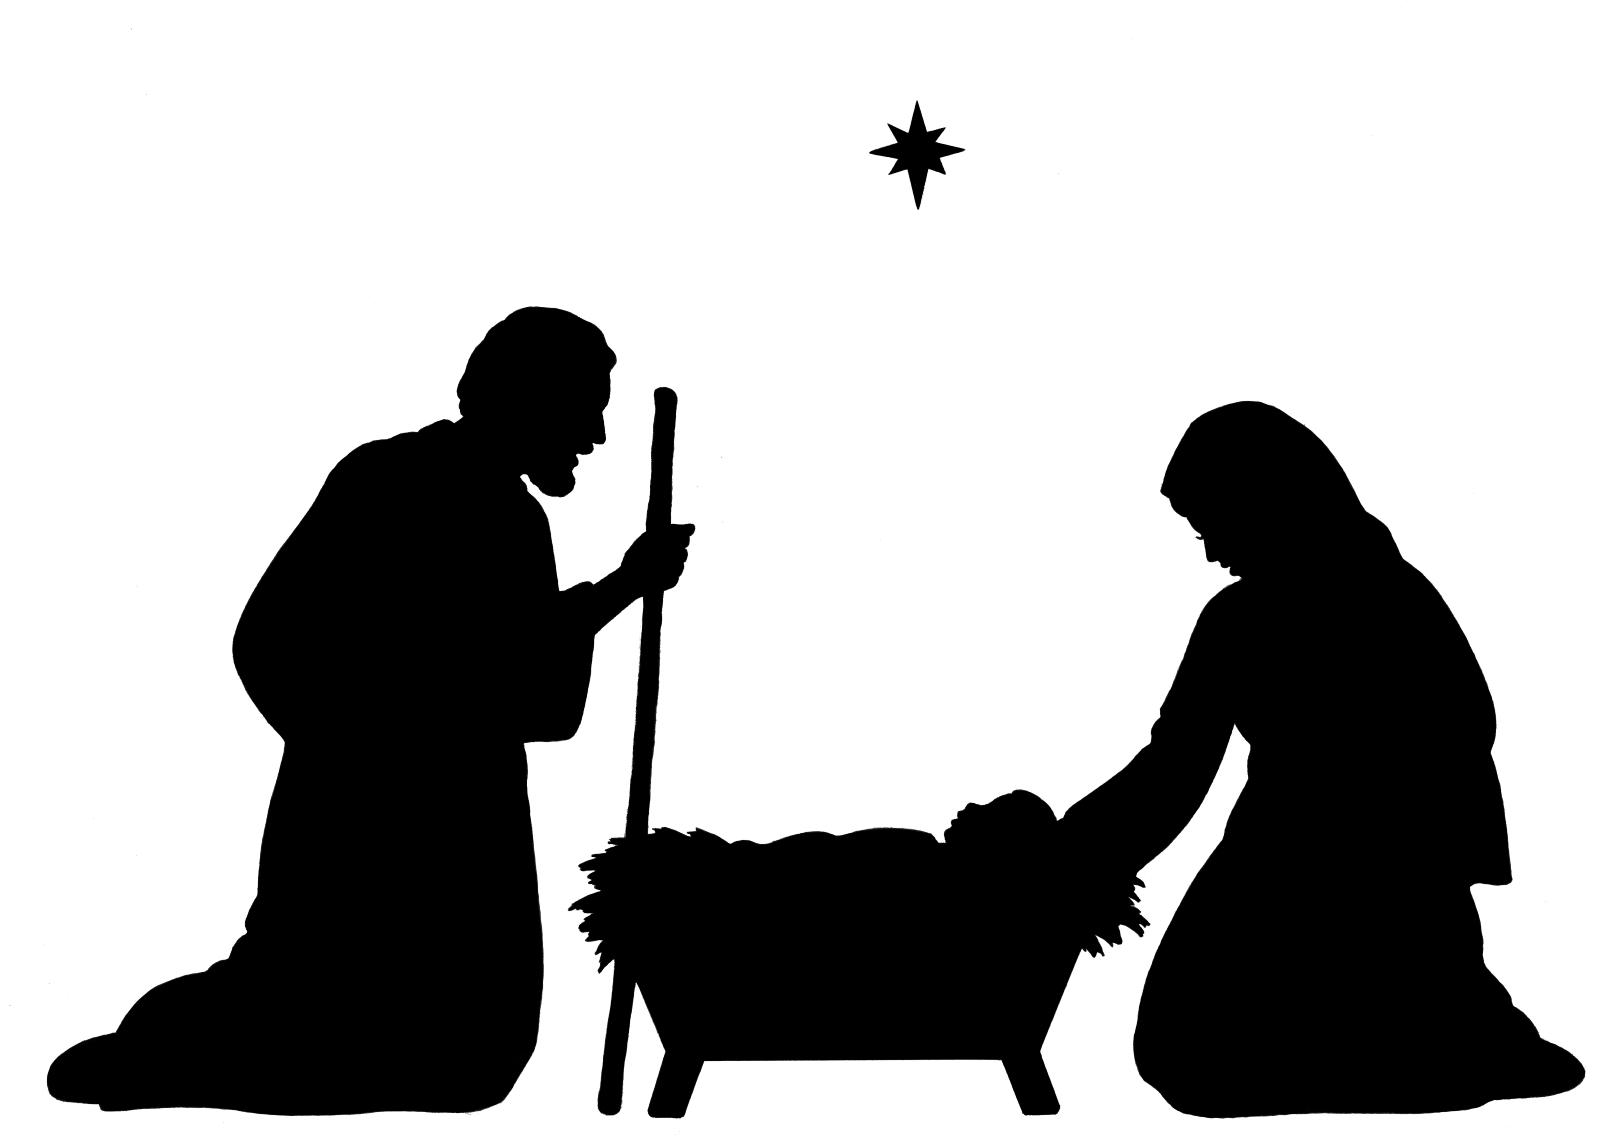 1600x1148 Outdoor Silhouette Nativity Scene